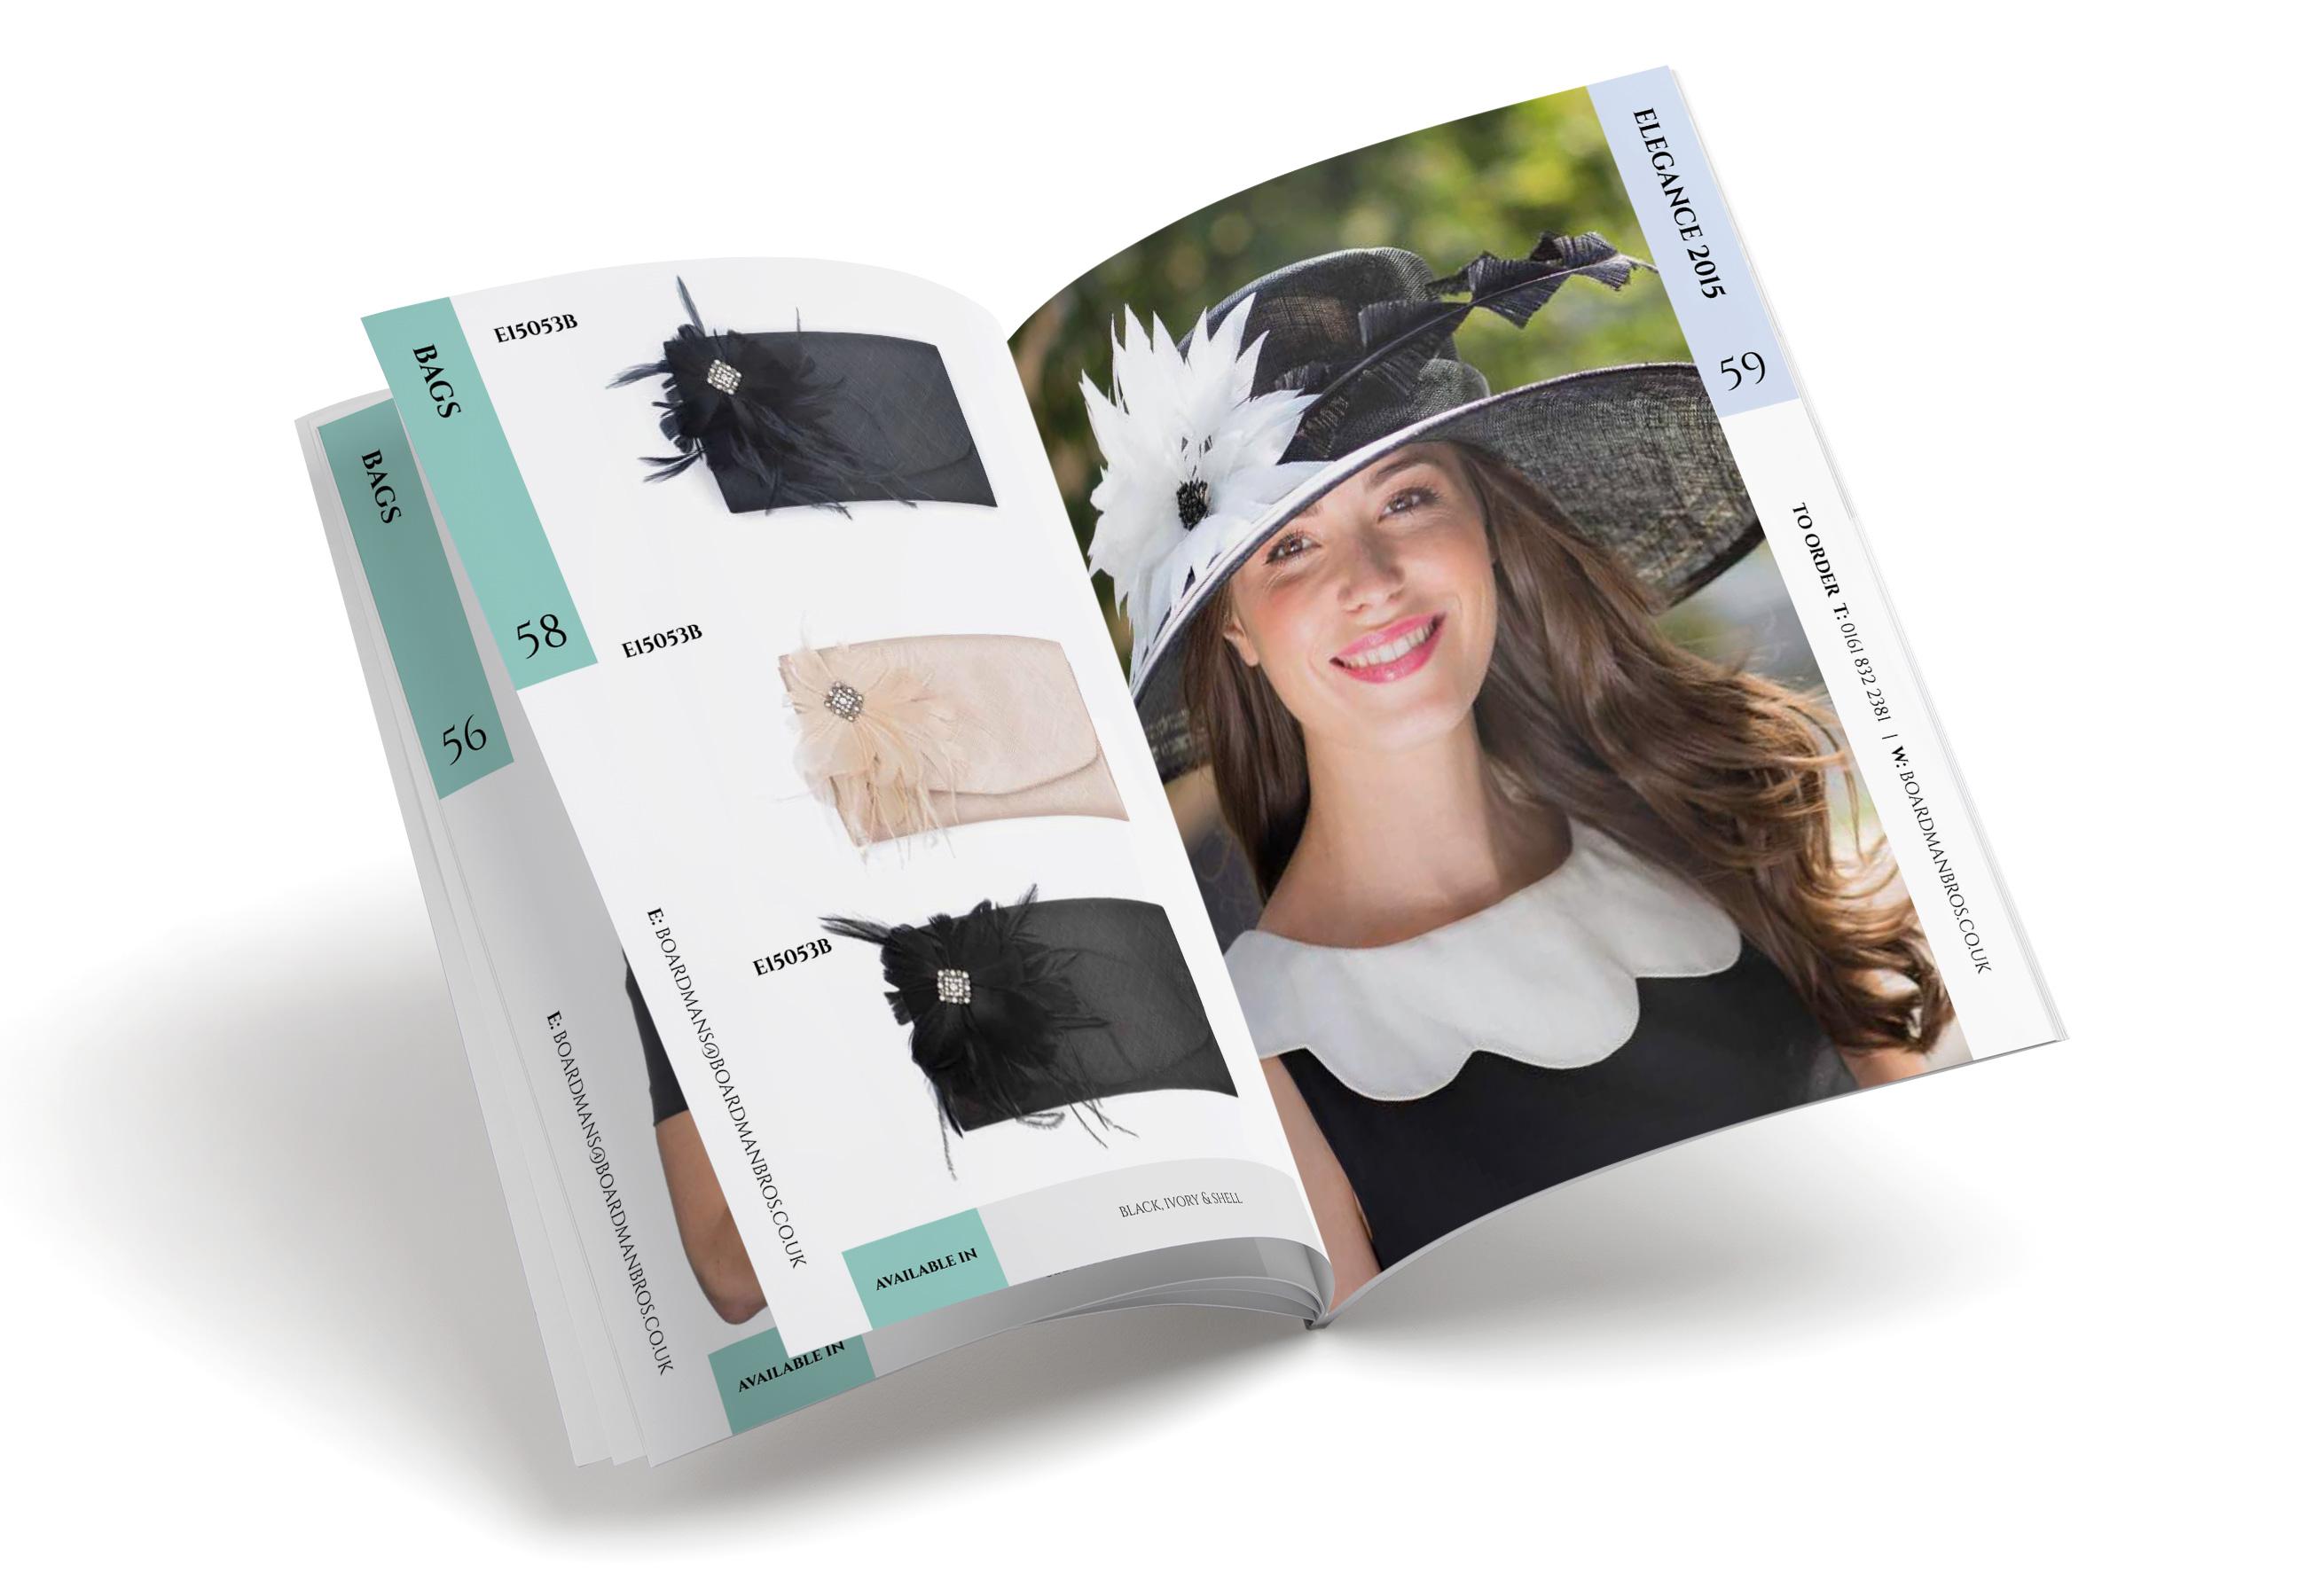 Boardmans catalogue design example spread